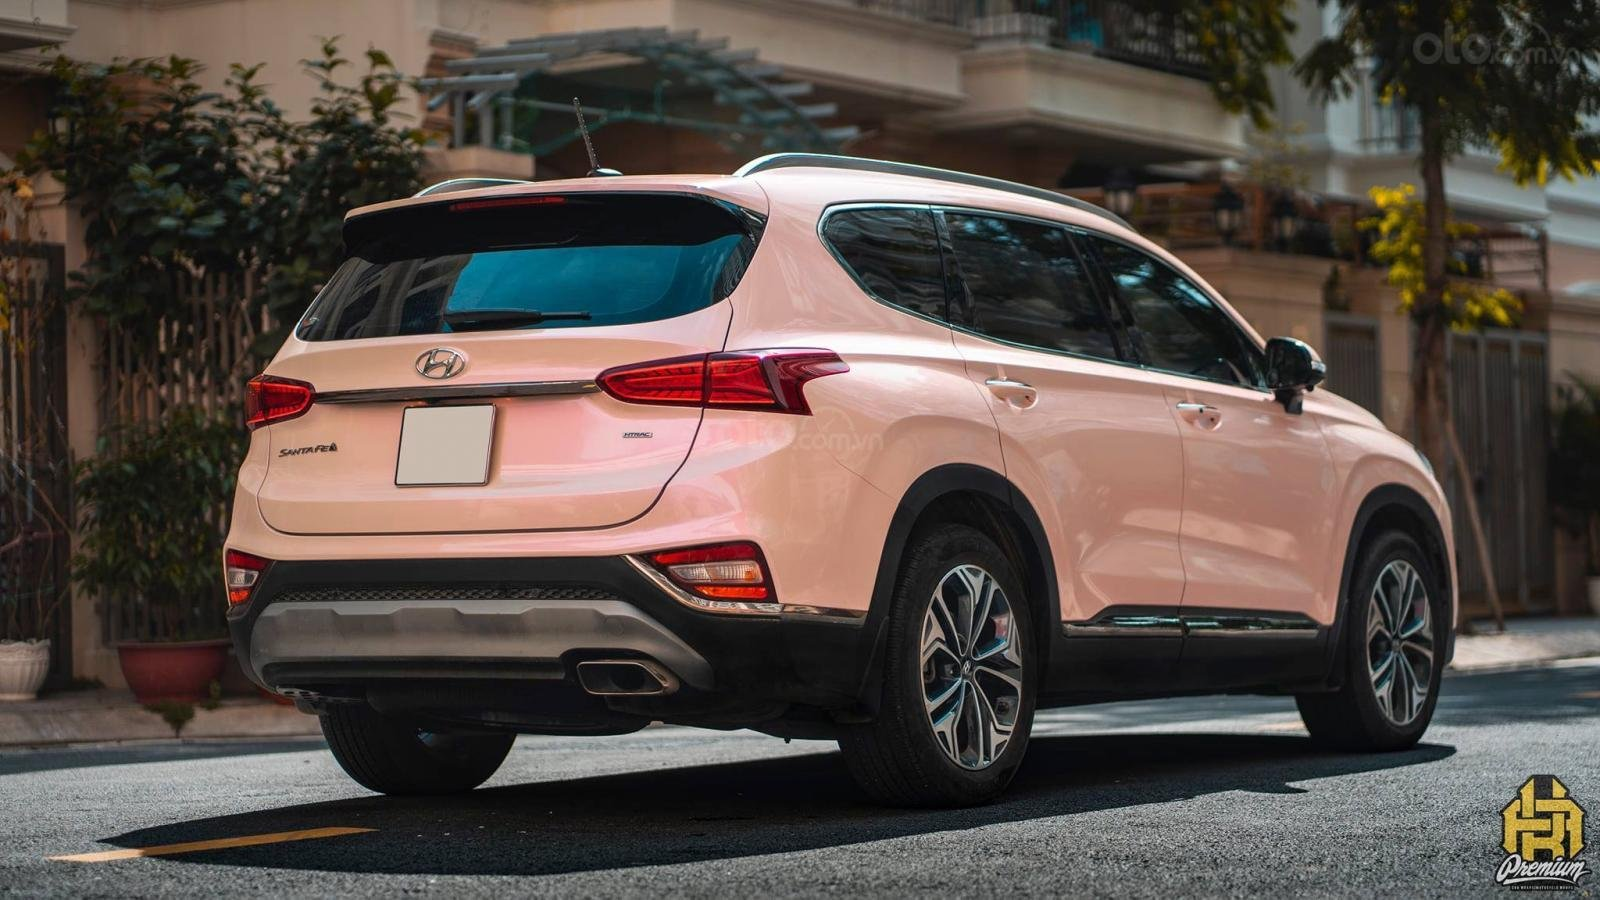 Bán Hyundai Santa Fe 2020 chỉ từ 293 triệu - ưu đãi lớn, giảm giá tiền mặt + tặng kèm phụ kiện chính hãng (3)